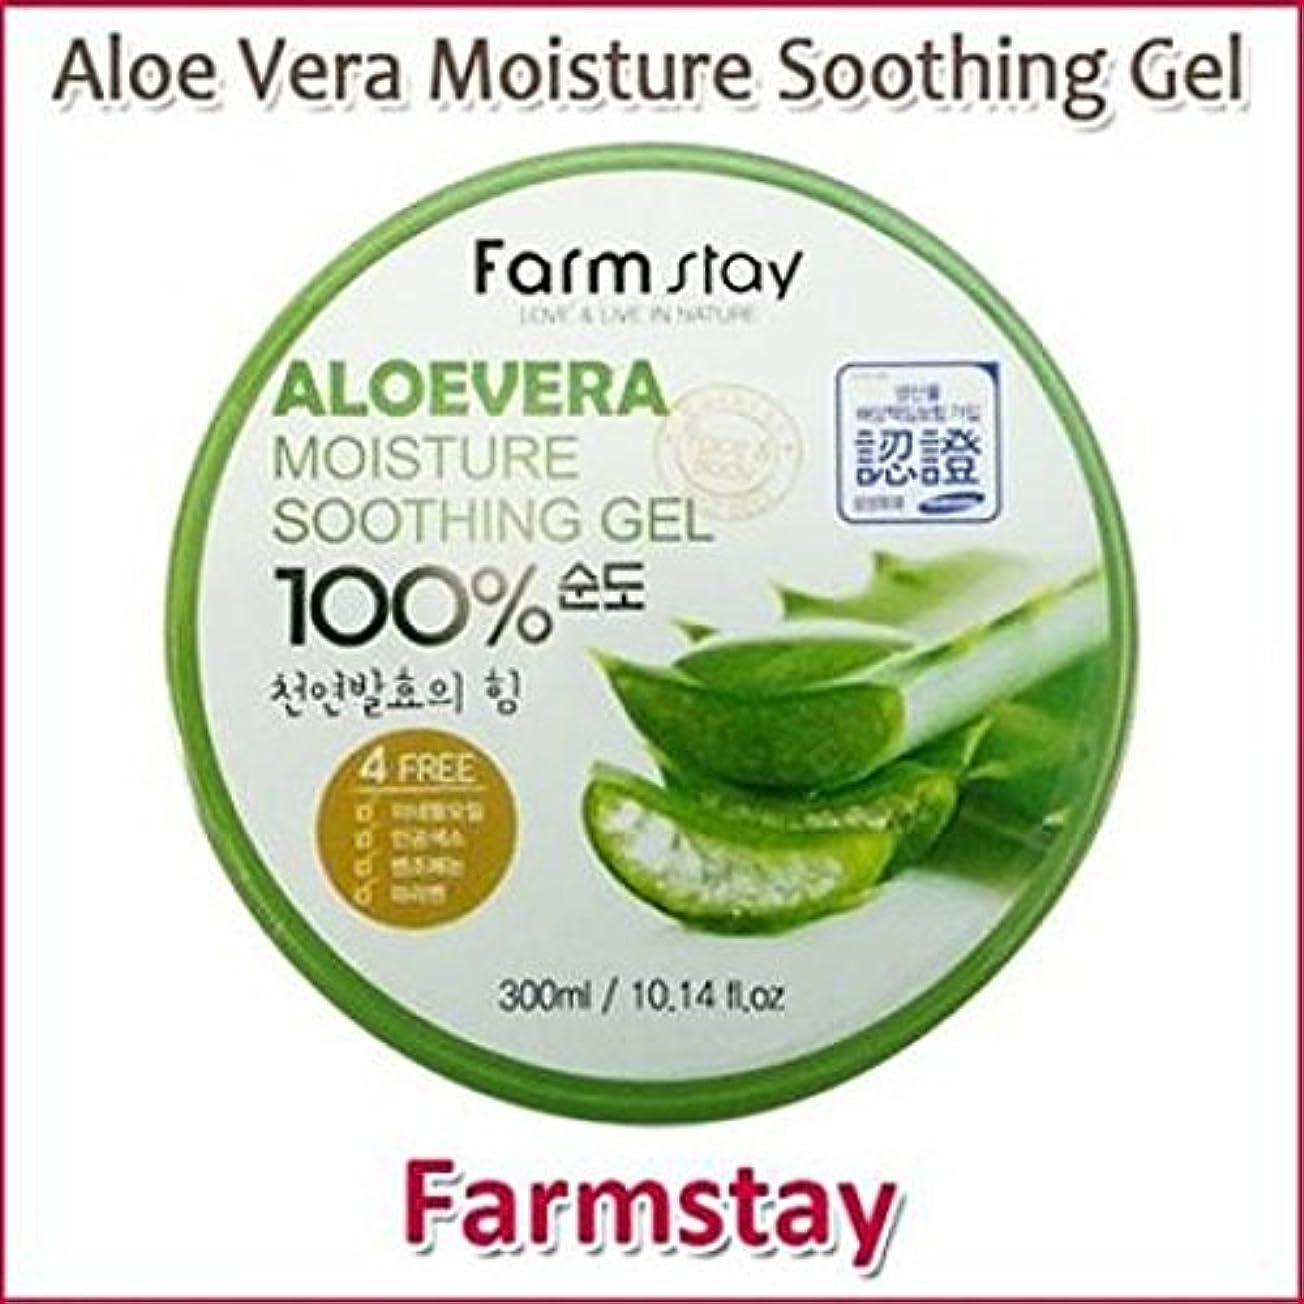 系統的適度な暖炉Farm Stay Aloe Vera Moisture Soothing Gel 300ml /オーガニック アロエベラゲル 100%/保湿ケア/韓国コスメ/Aloe Vera 100% /Moisturizing [...